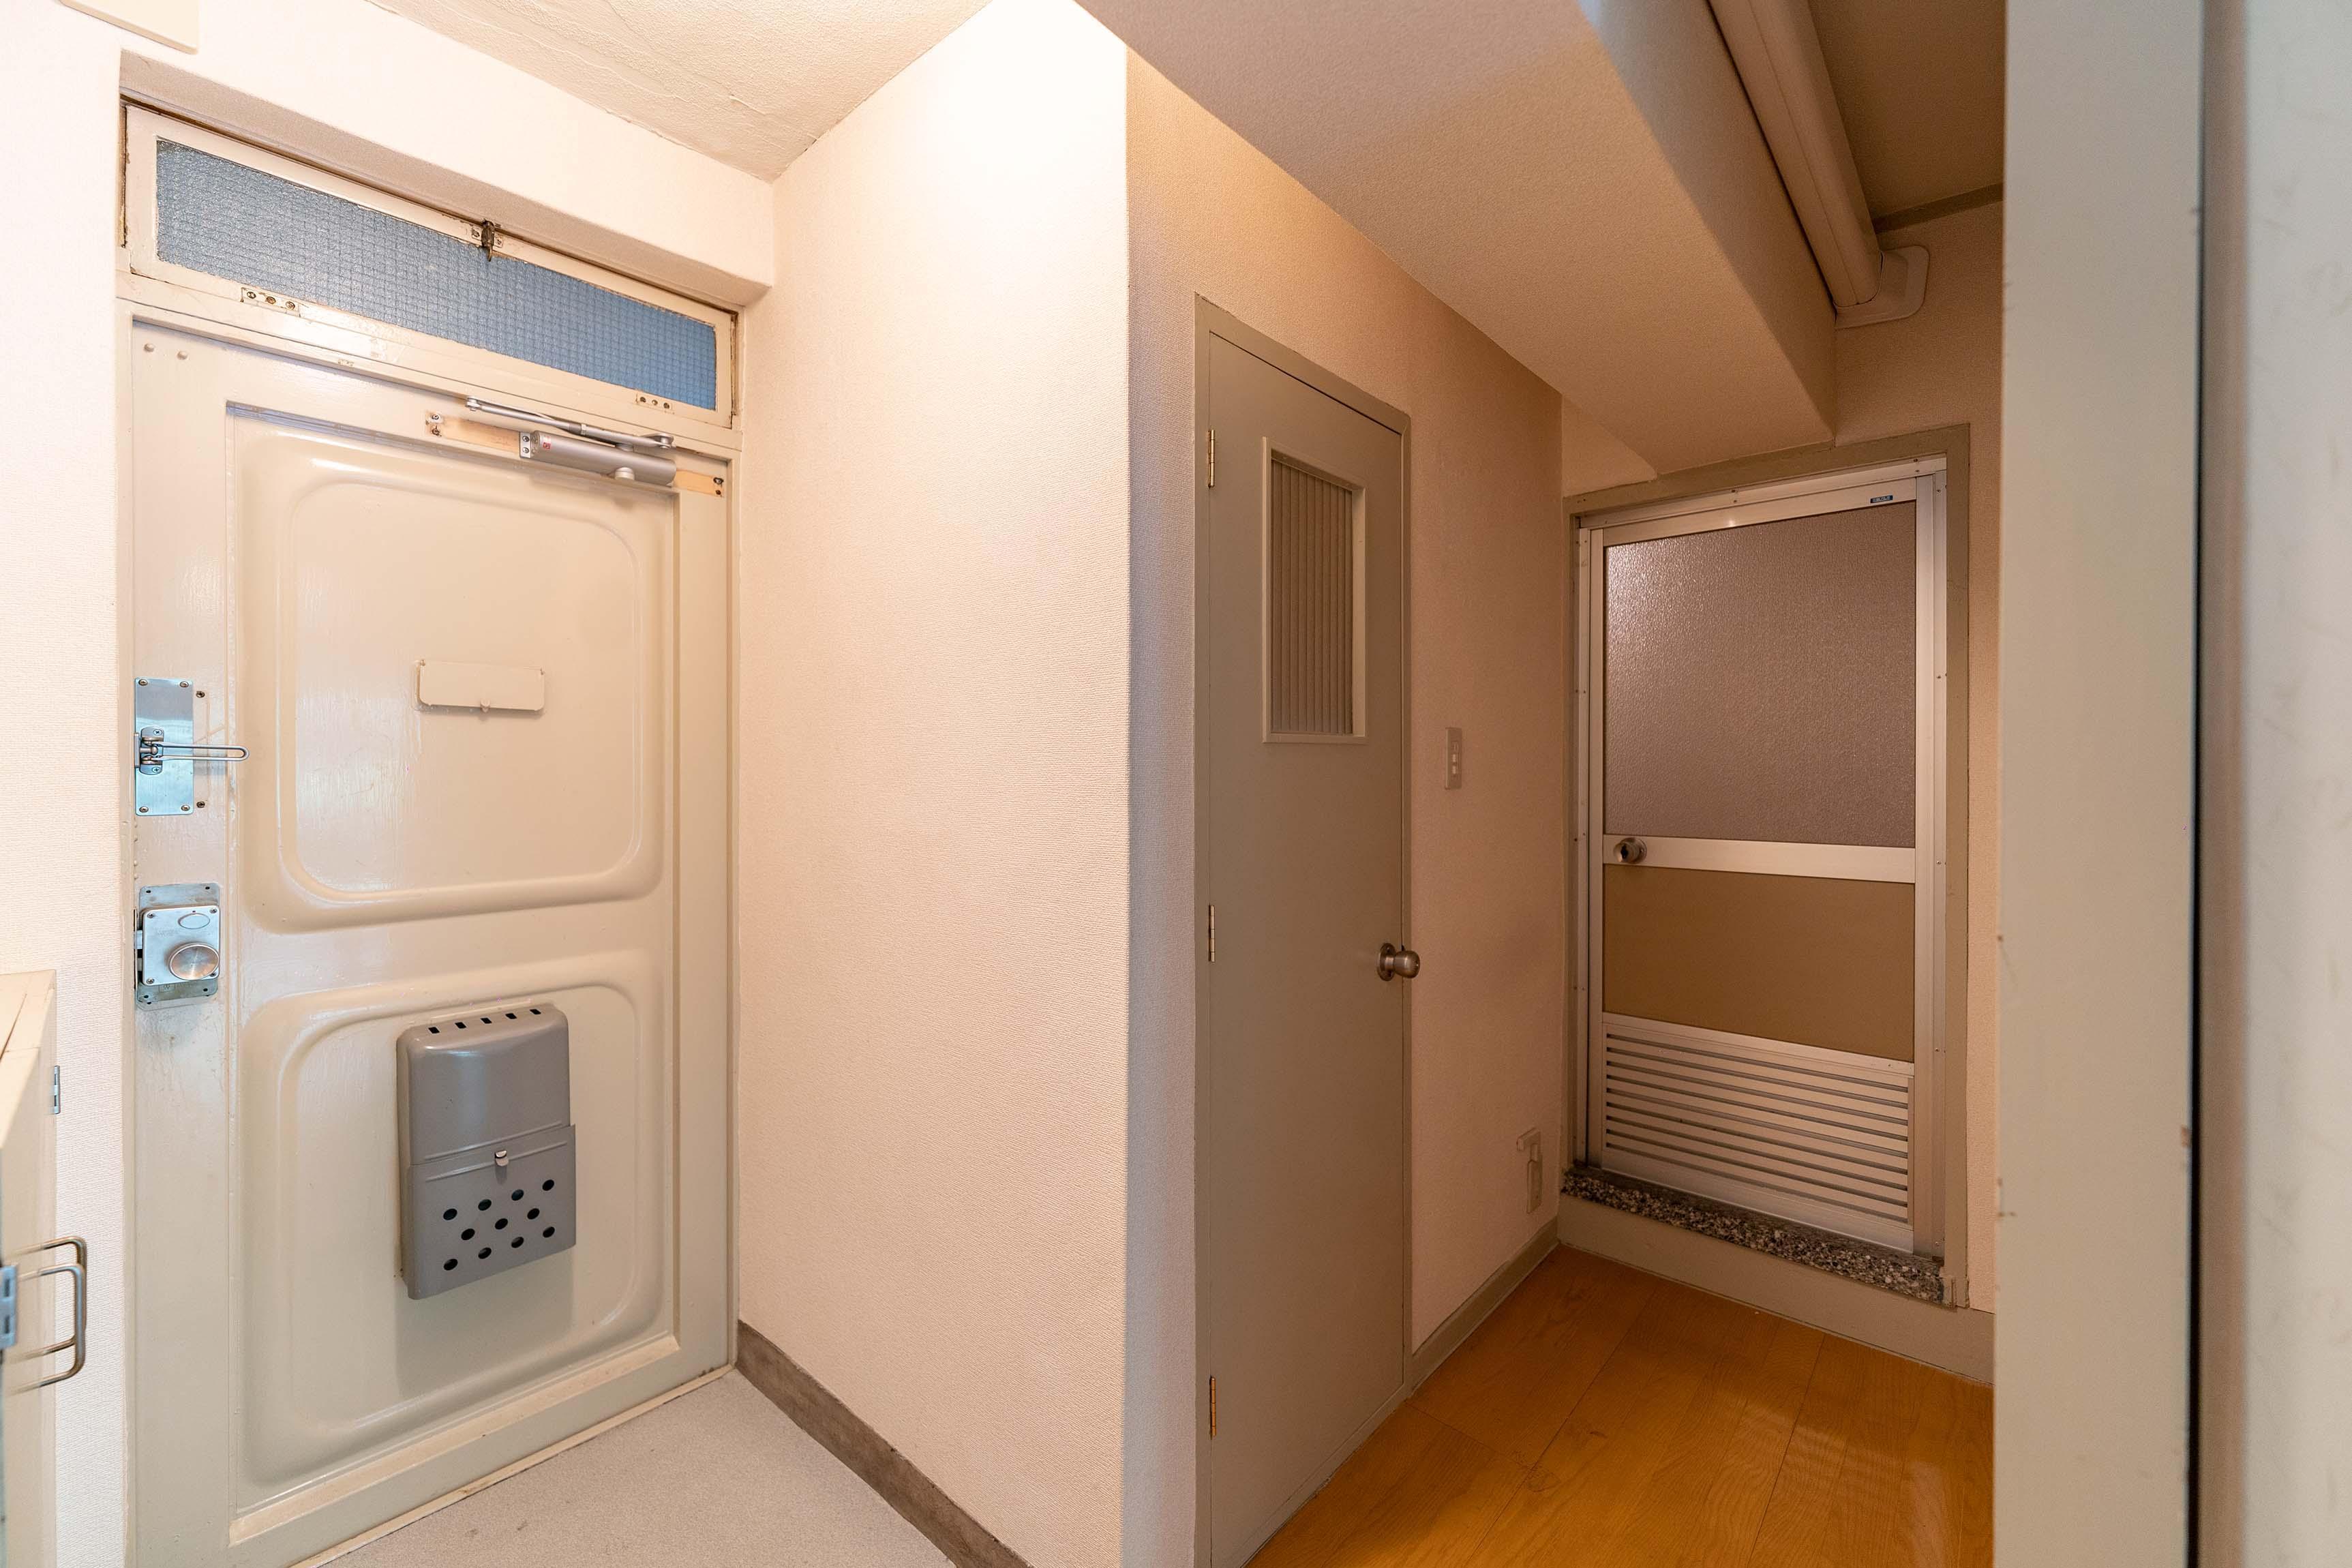 一番右側が浴室のドア。脱衣所がないため、つっぱり棒等が必要